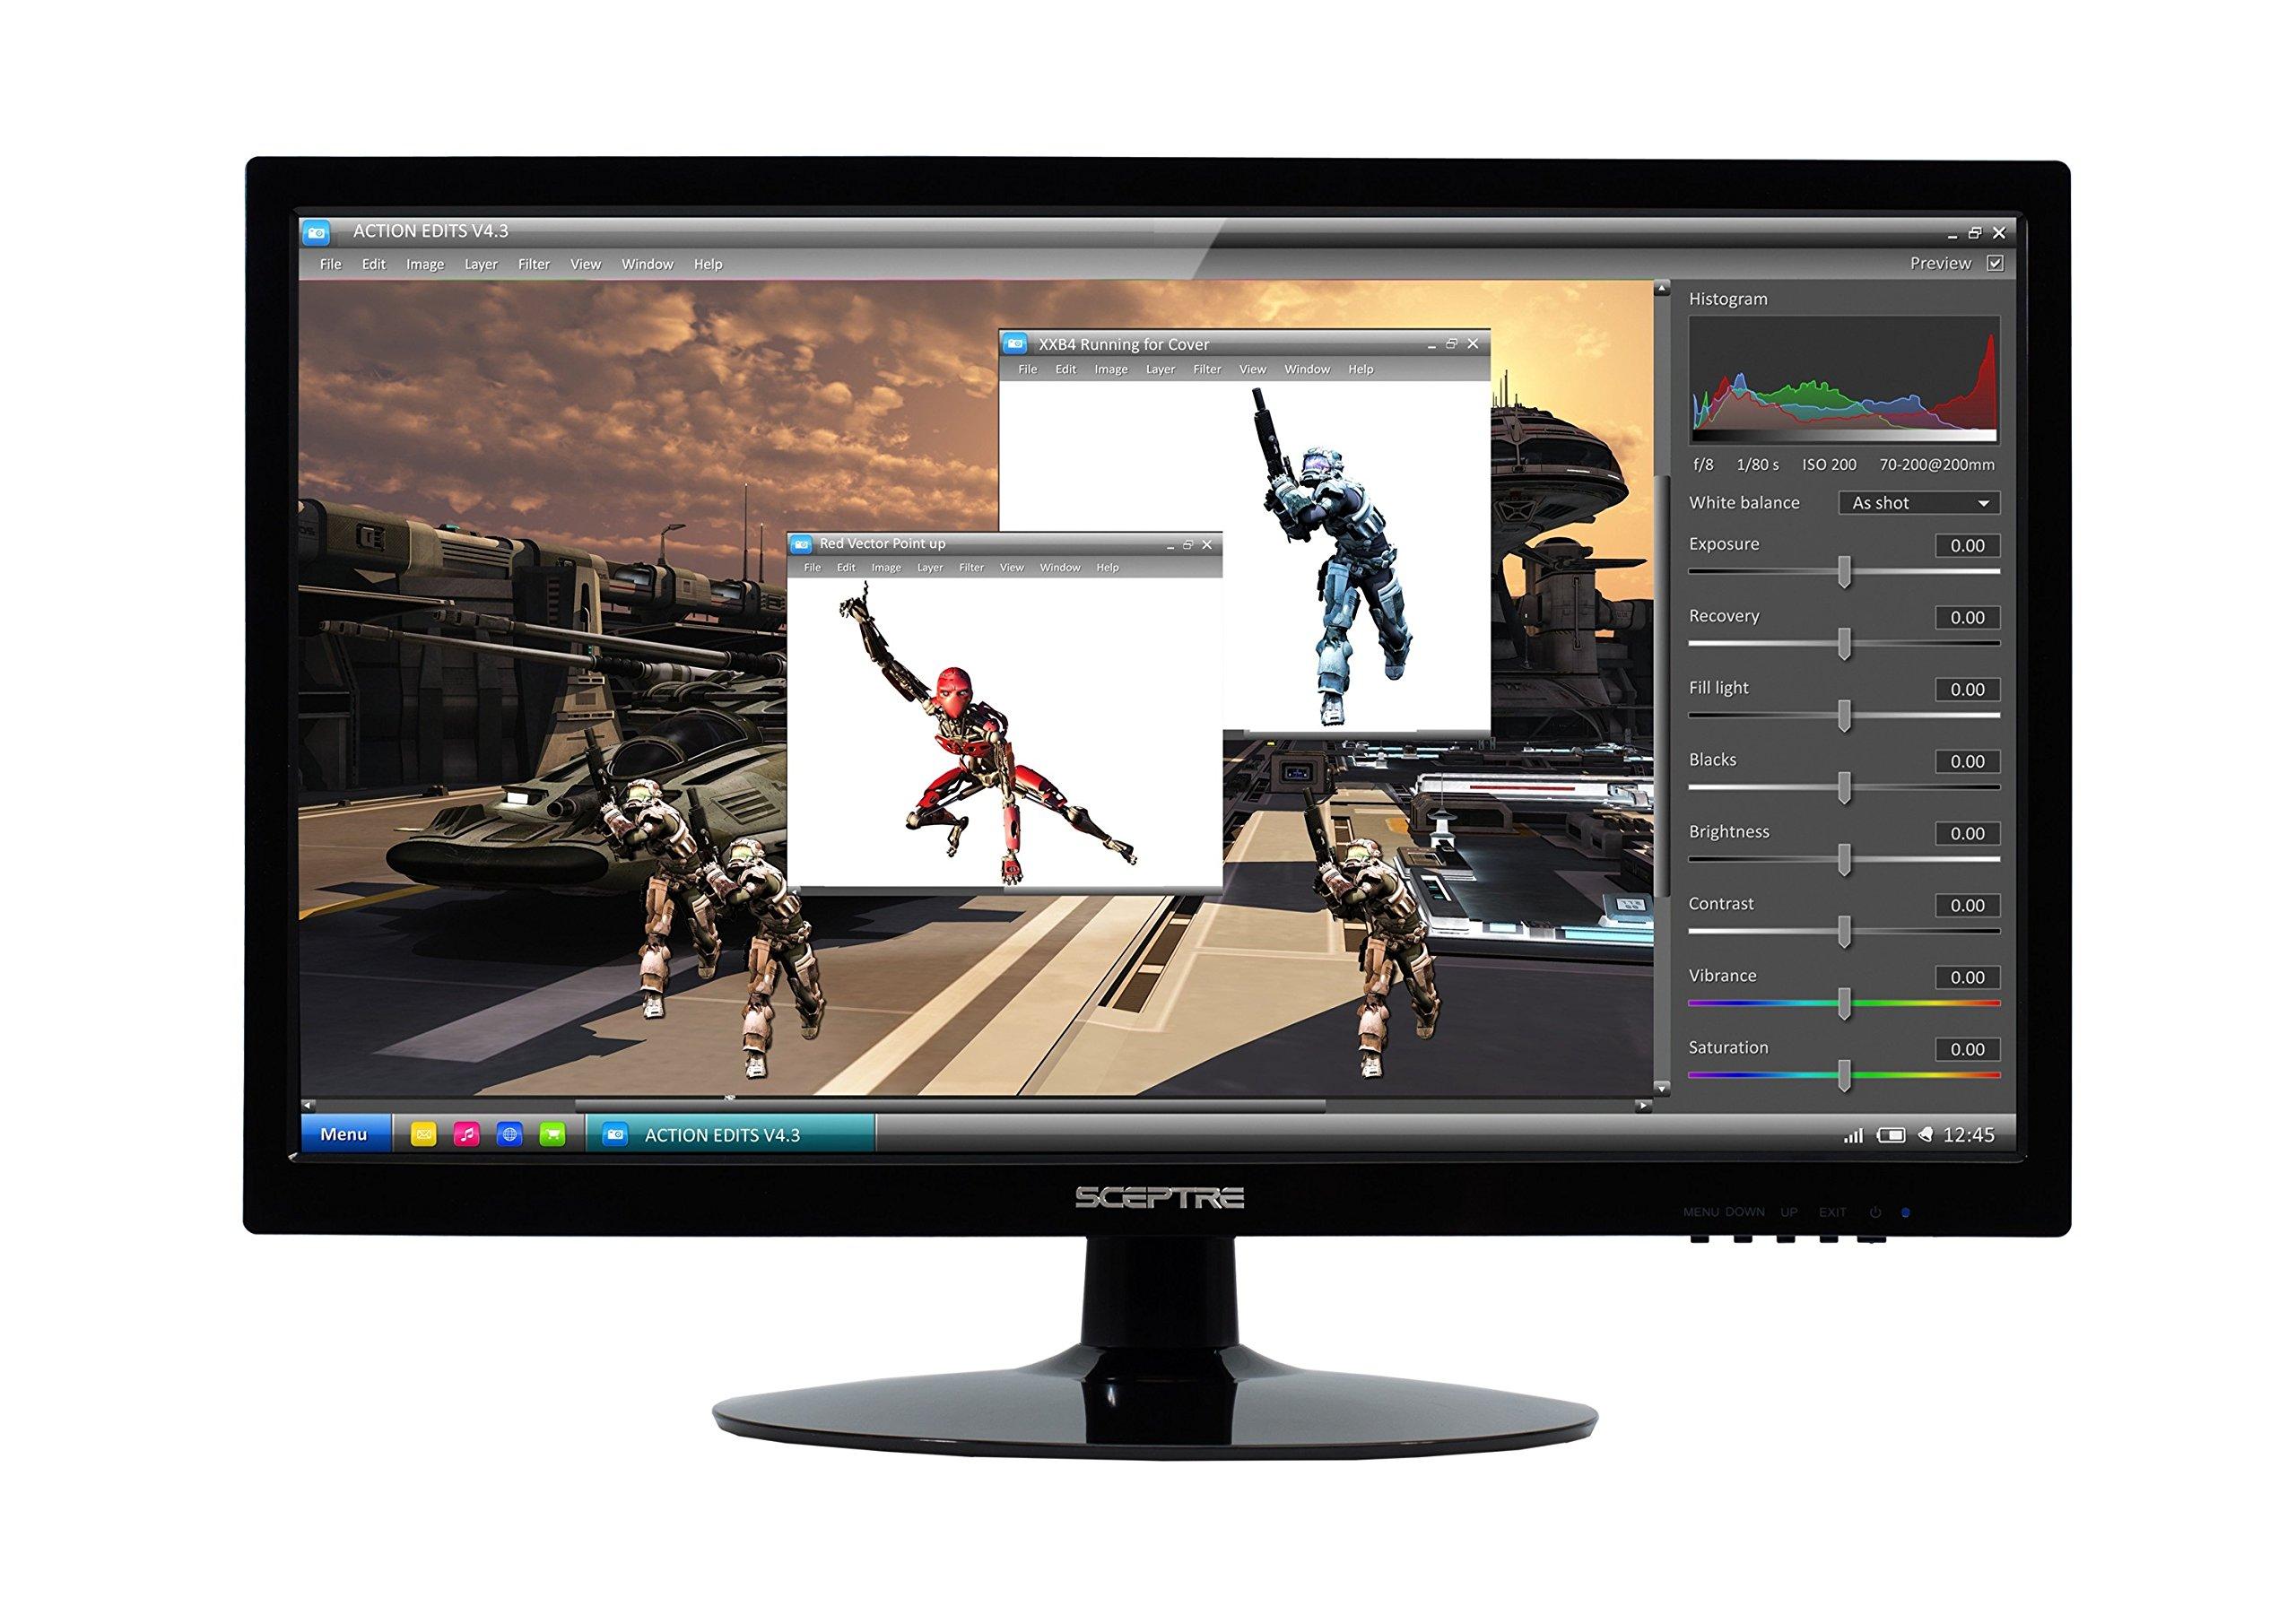 Sceptre 1600x900 HDMI DVI VGA LED HD Monitor - E205W-16008A 20'' True Black (2017)